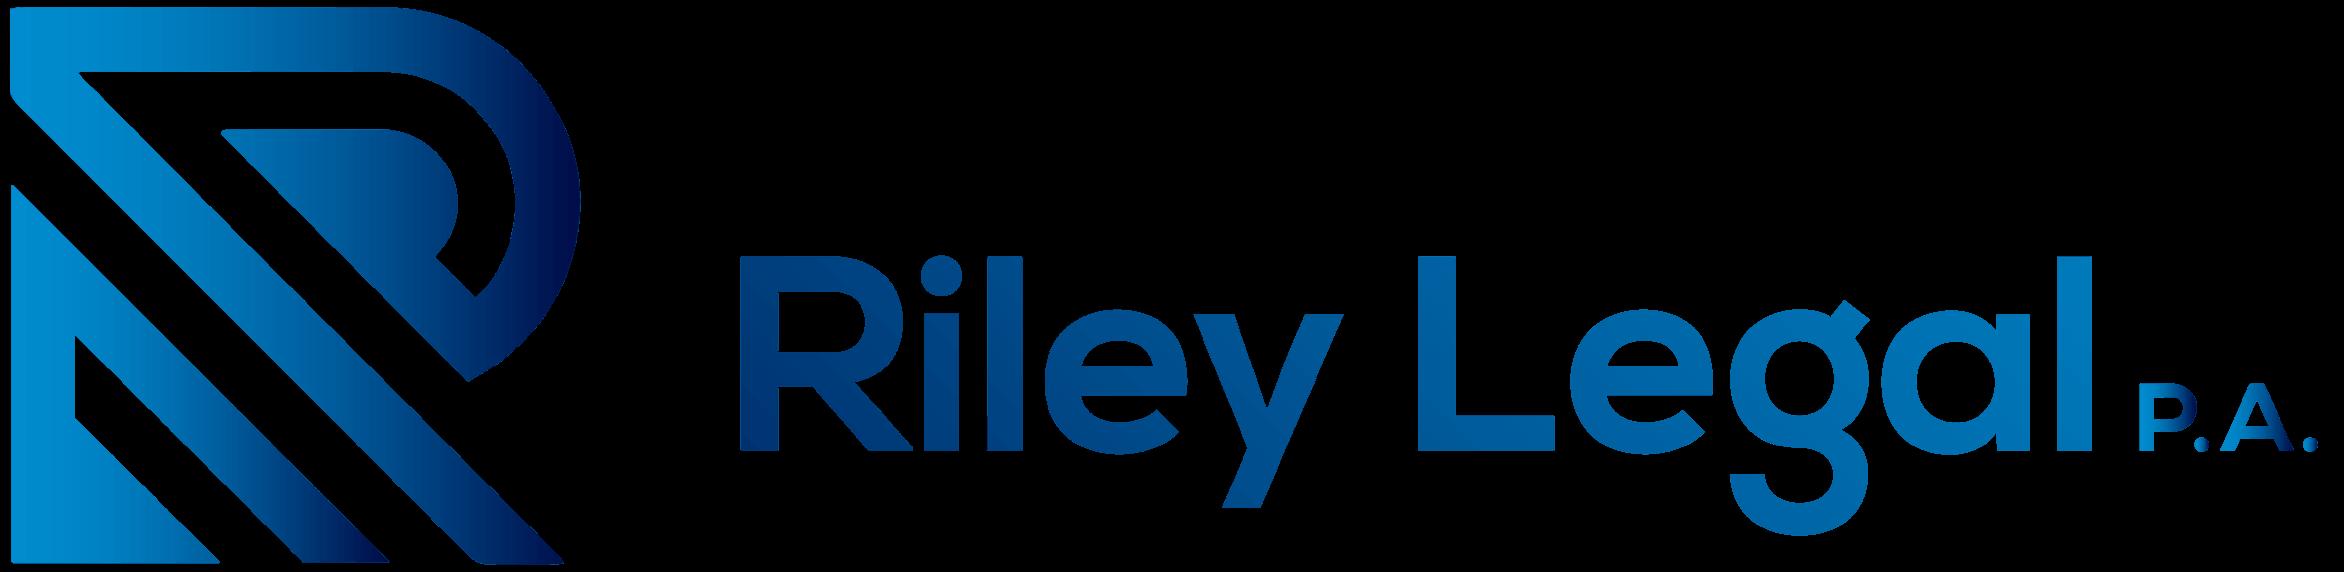 Riley Legal, P.A.